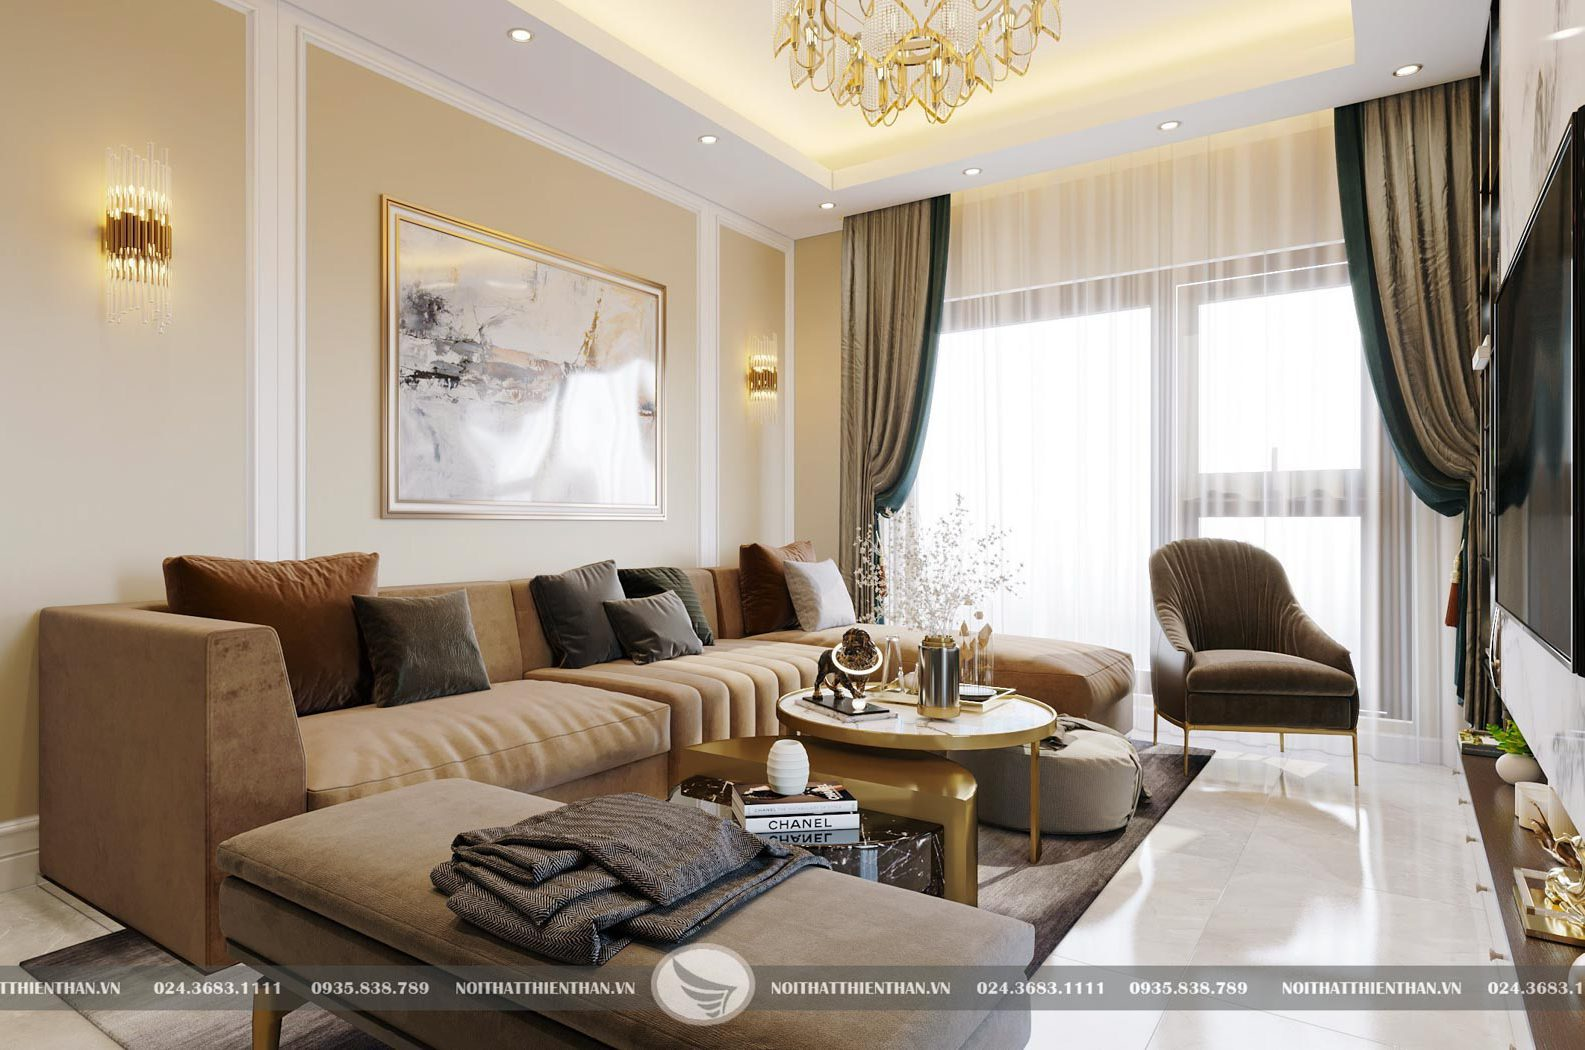 thiết kế nội thất căn hộ chung cư cao cấp 3 phòng ngủ